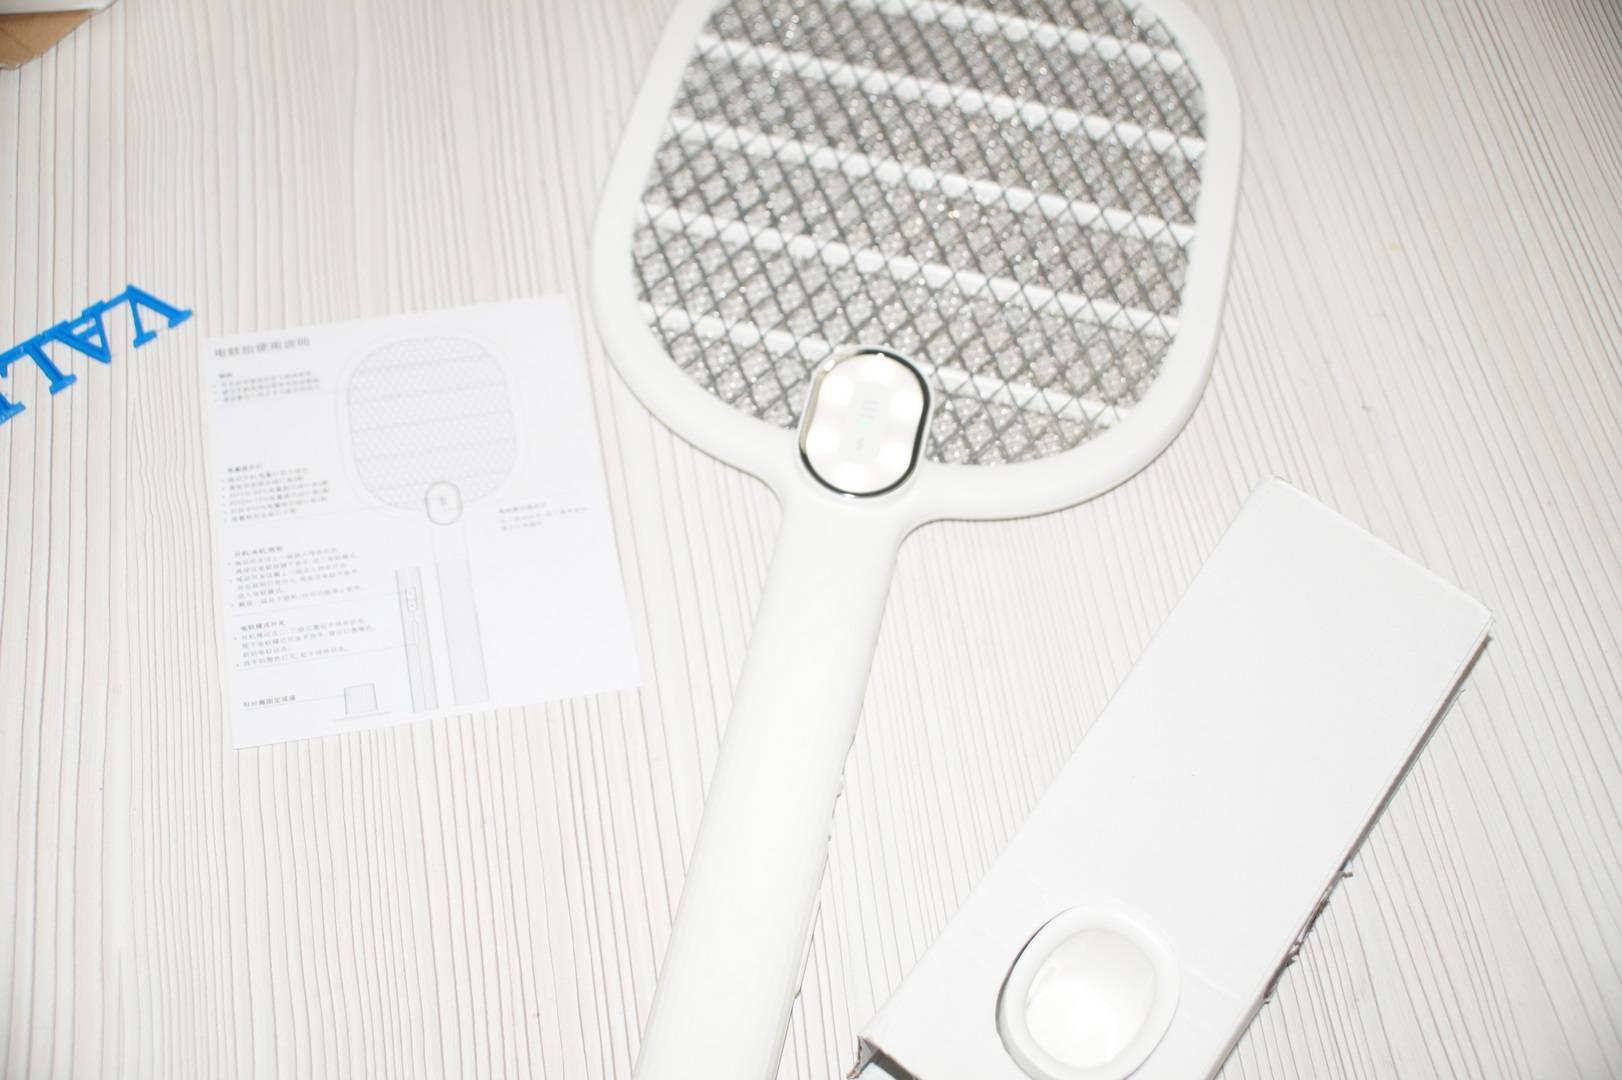 Мухобойка электрическая своими руками. сделанная в китае электрическая мухобойка. можно ли сделать чудо-мухобойку самостоятельно